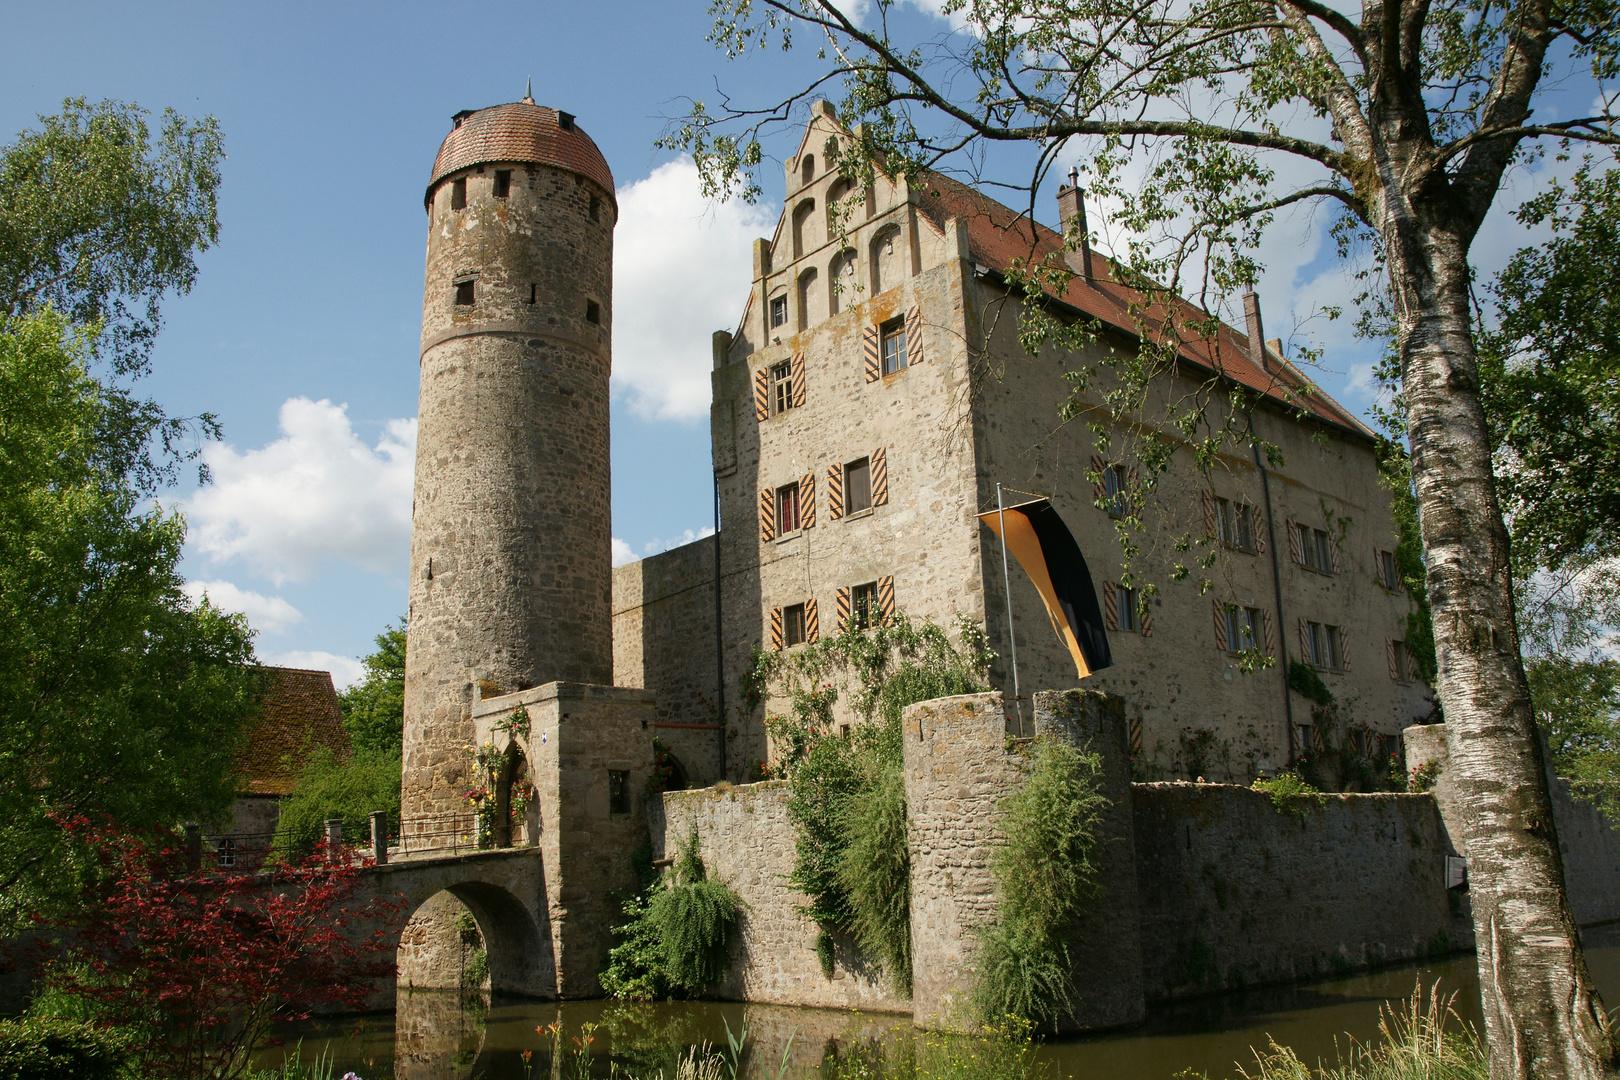 Wasserschloss Sommersdorf